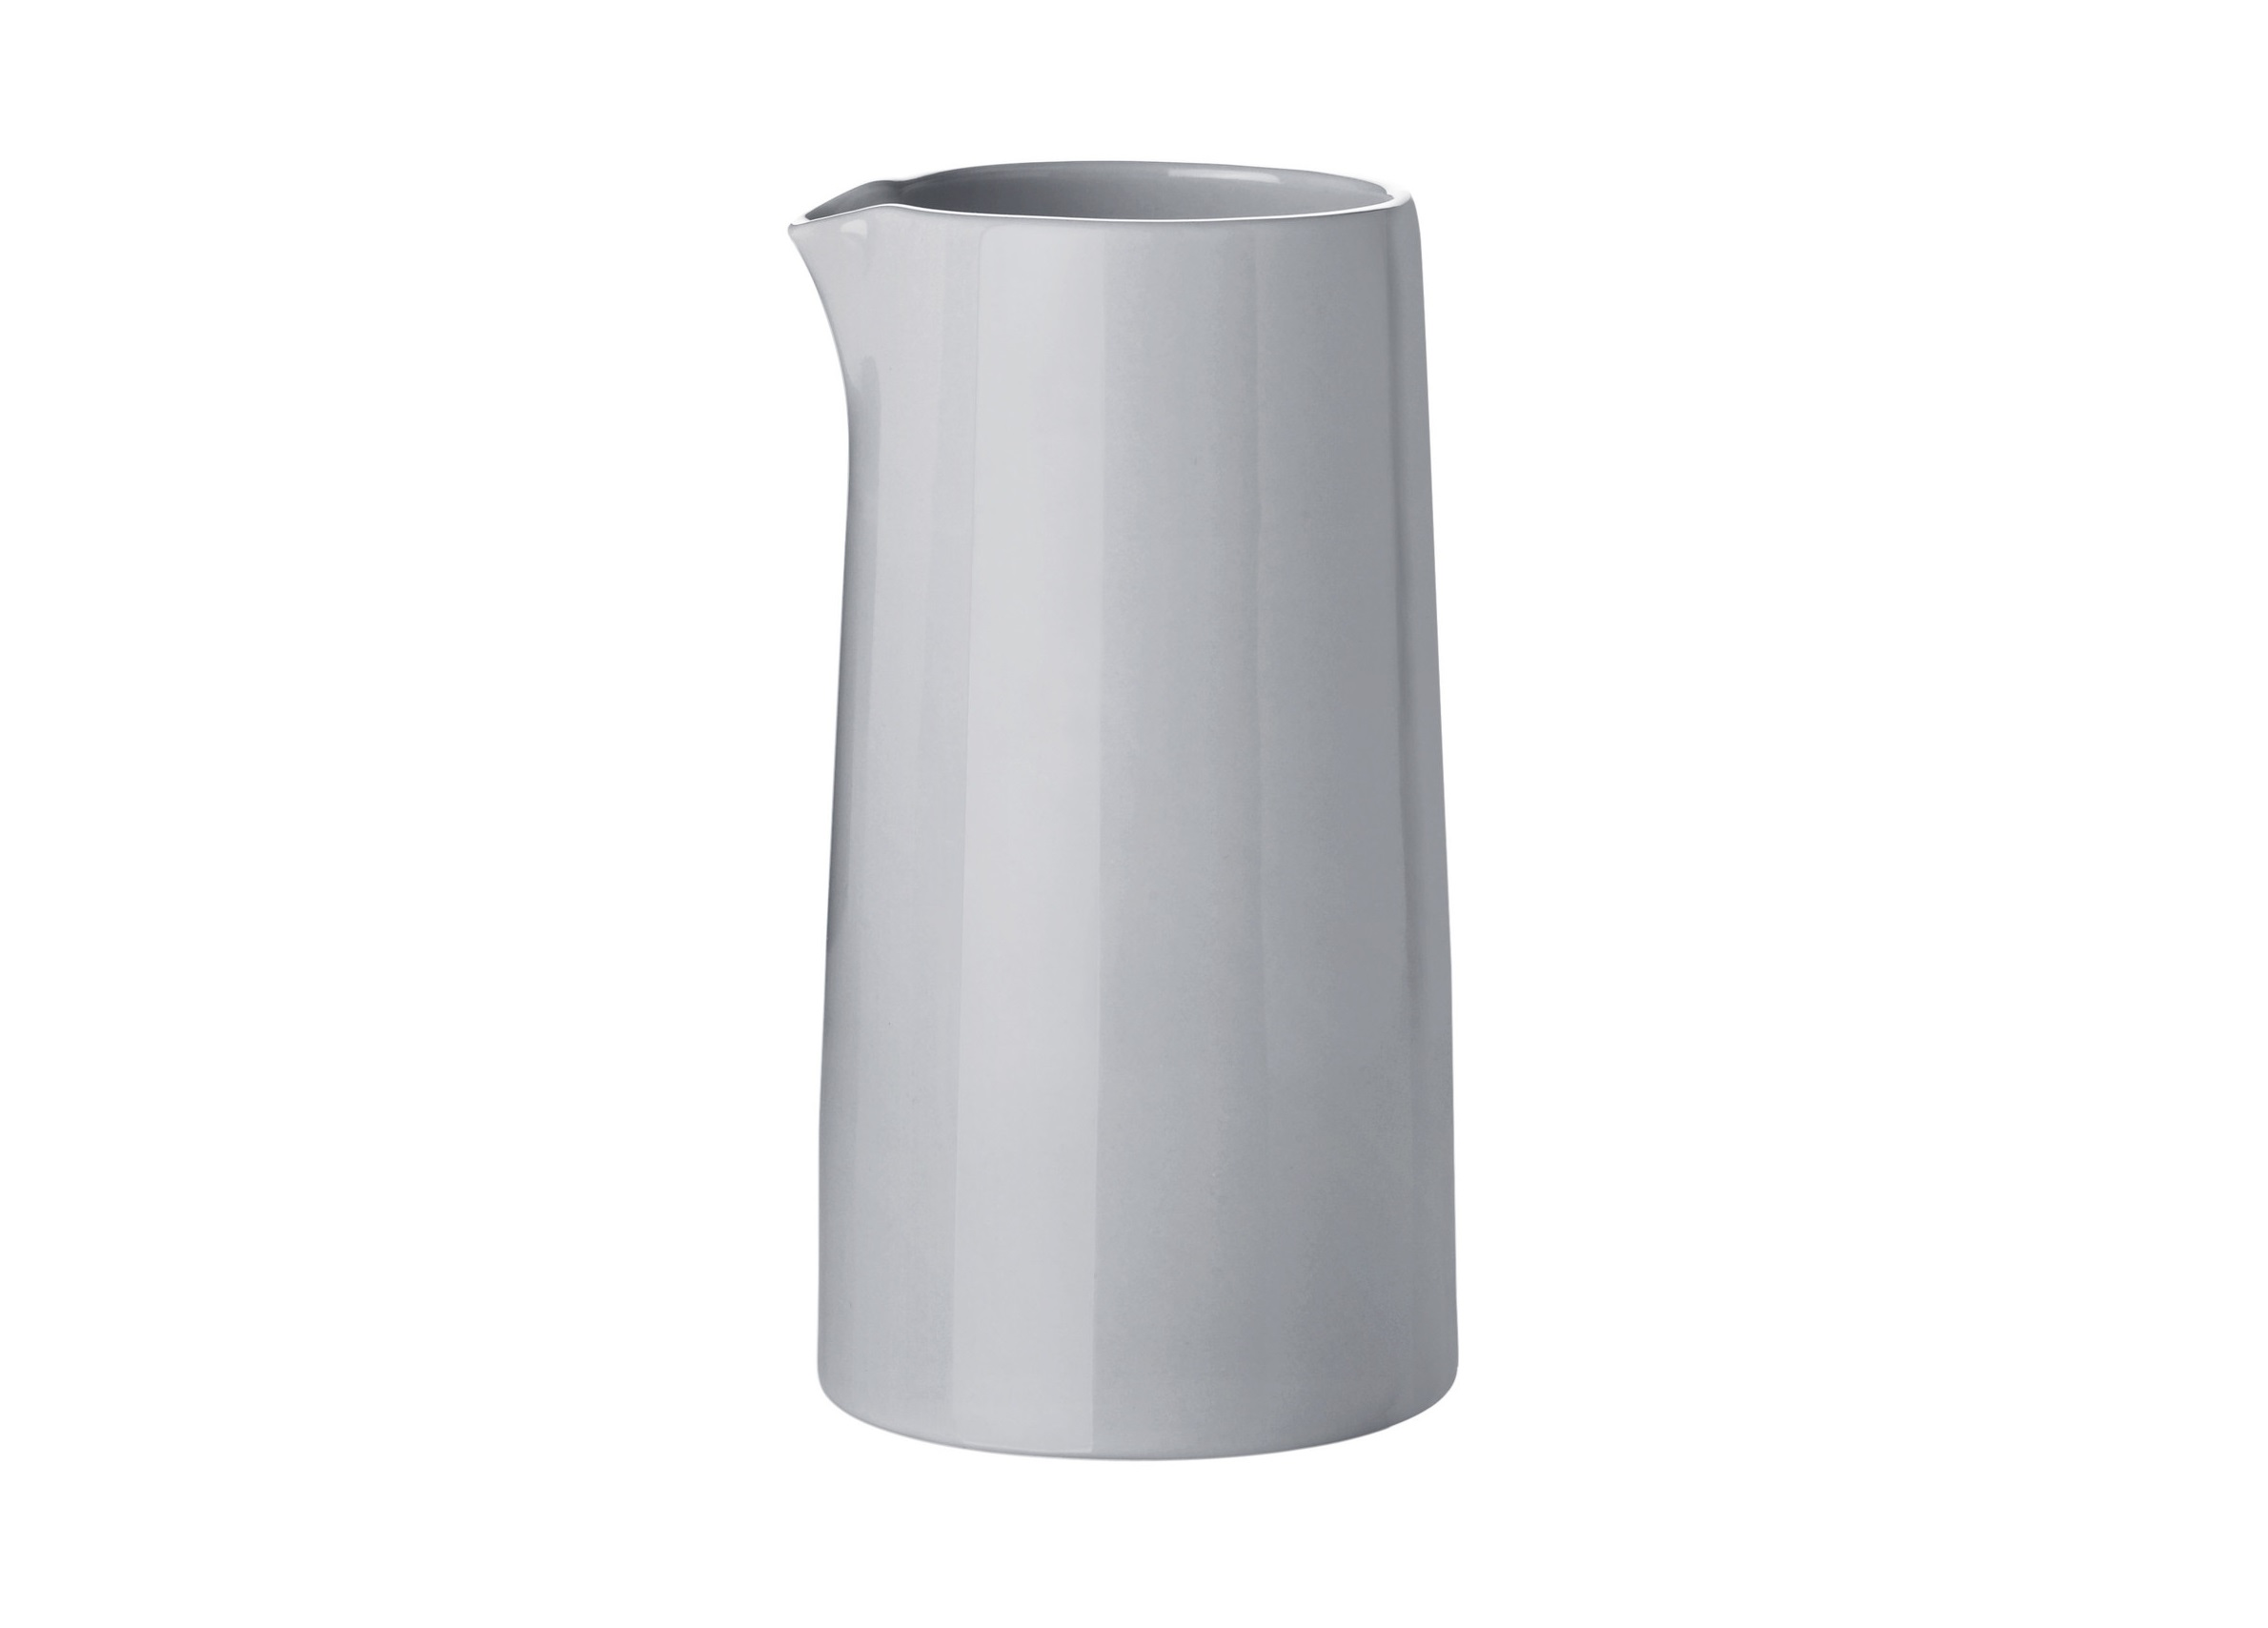 Термо-молочник EmmaКофейники и молочники<br>Термо-молочник Emma 0,3Л. Объем 300мл. Благодаря двойным стенкам и специальным термо-технологиям молочник прохладный с внешней стороны, в то время, как молоко внутри молочника надолго сохраняет свое тепло. Вы можете использовать молочник 2мя способами: 1. Налить в молочник заранее разогреть молоко 2. Налить молоко в молочник и разогреть непосредственно в микроволновой печи.<br><br>Material: Керамика<br>Width см: 8.5<br>Depth см: 8.5<br>Height см: 16